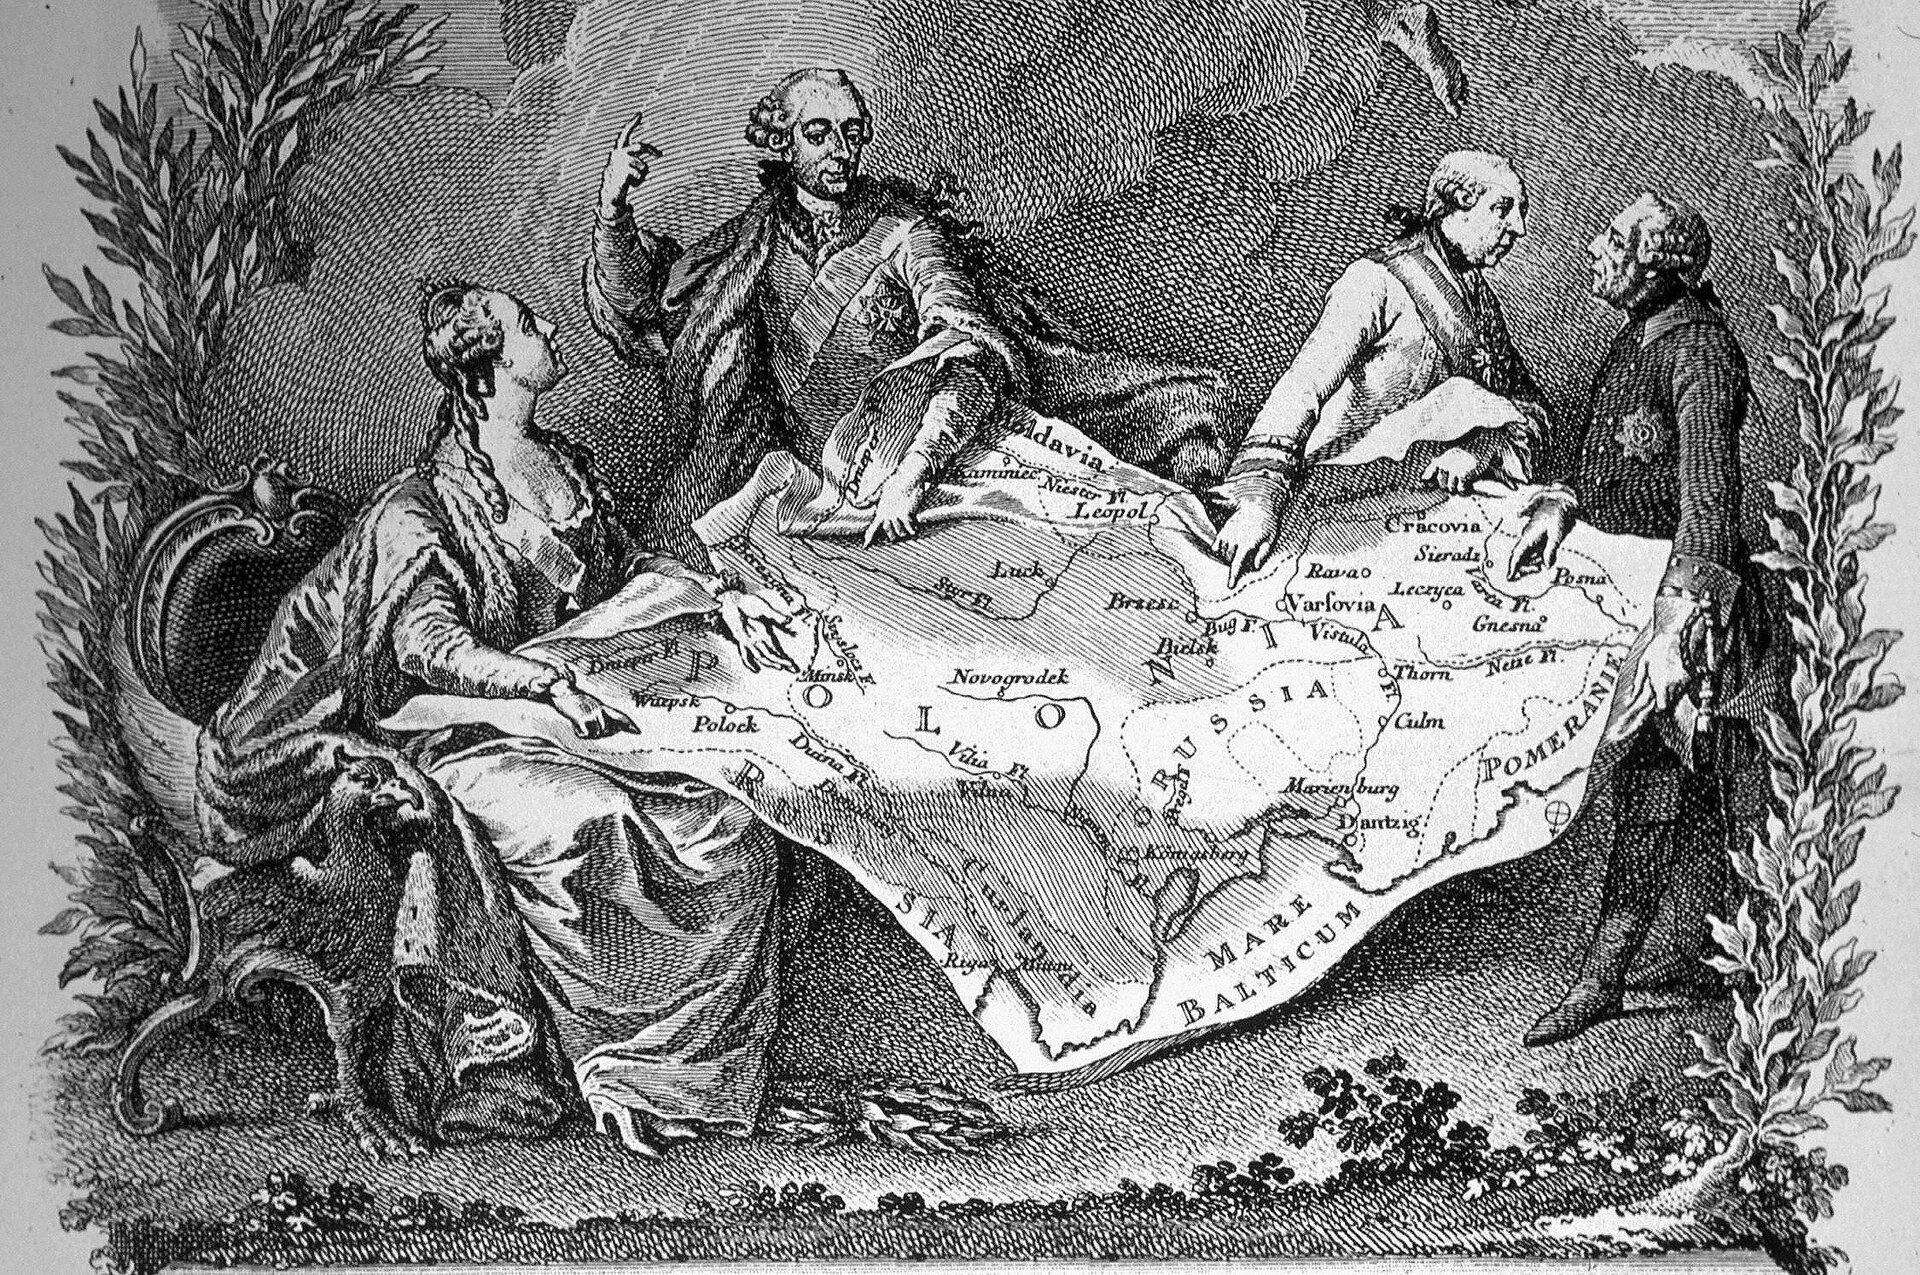 Pierwszy rozbiór Polski Rysunek 2. Źródło: Johannes Nilson, Pierwszy rozbiór Polski, 1773, domena publiczna.